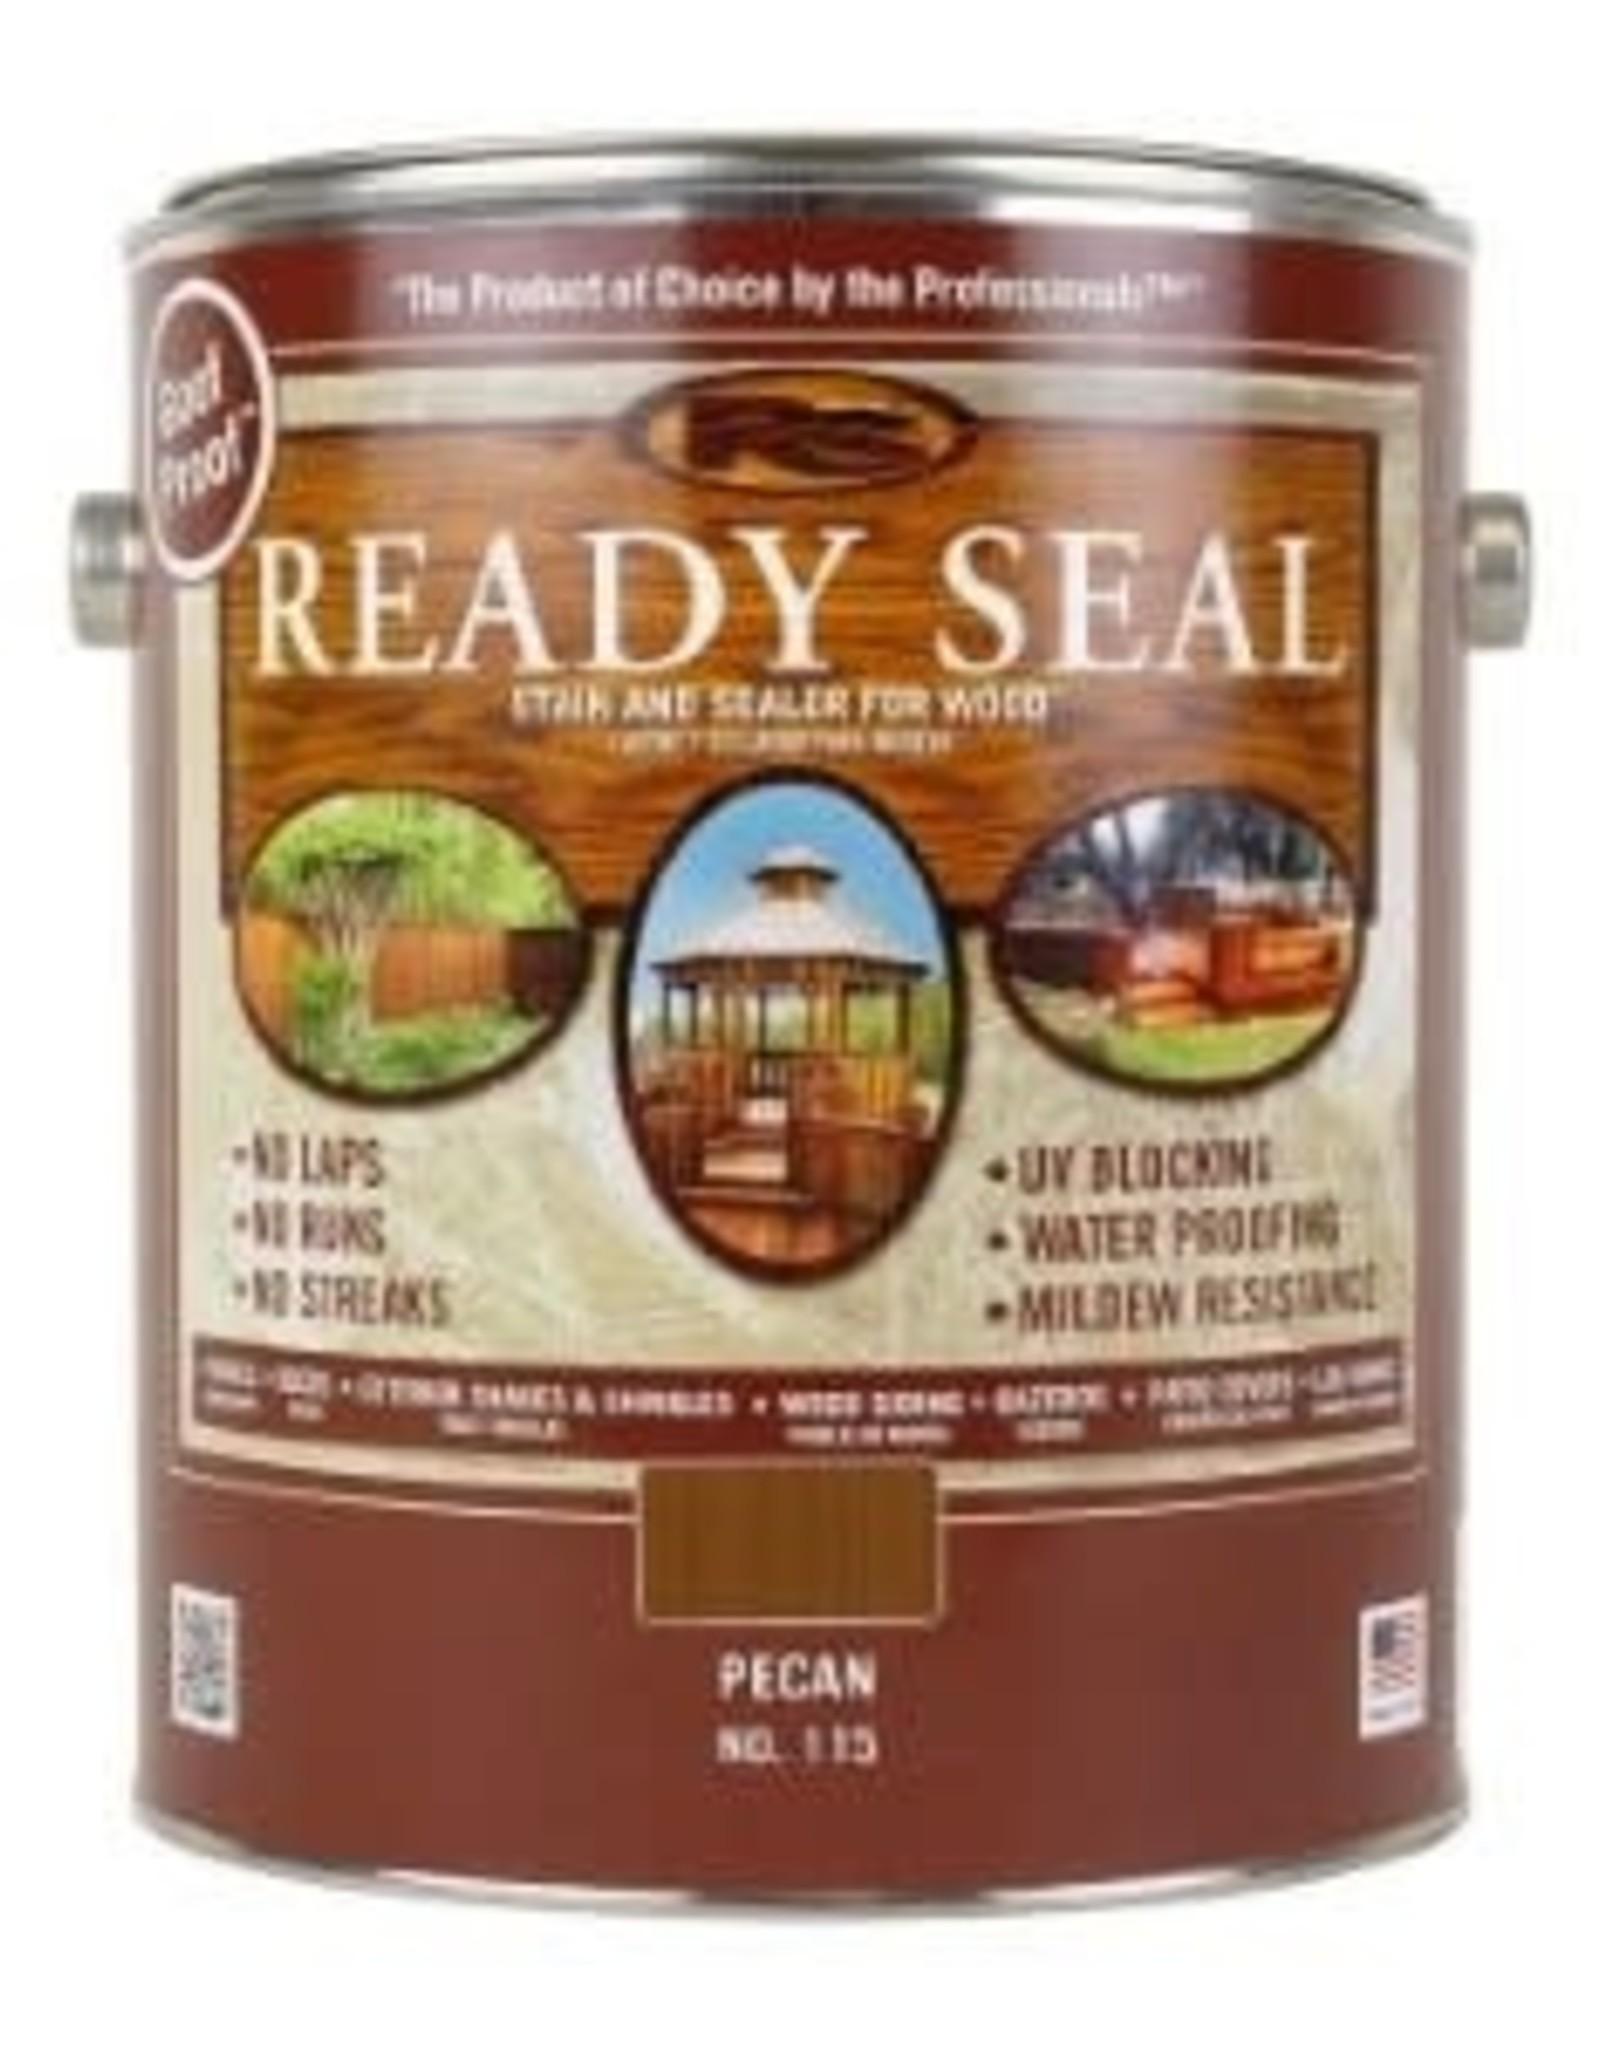 Ready Seal Ready Seal - 1 - Gallon -  Pecan